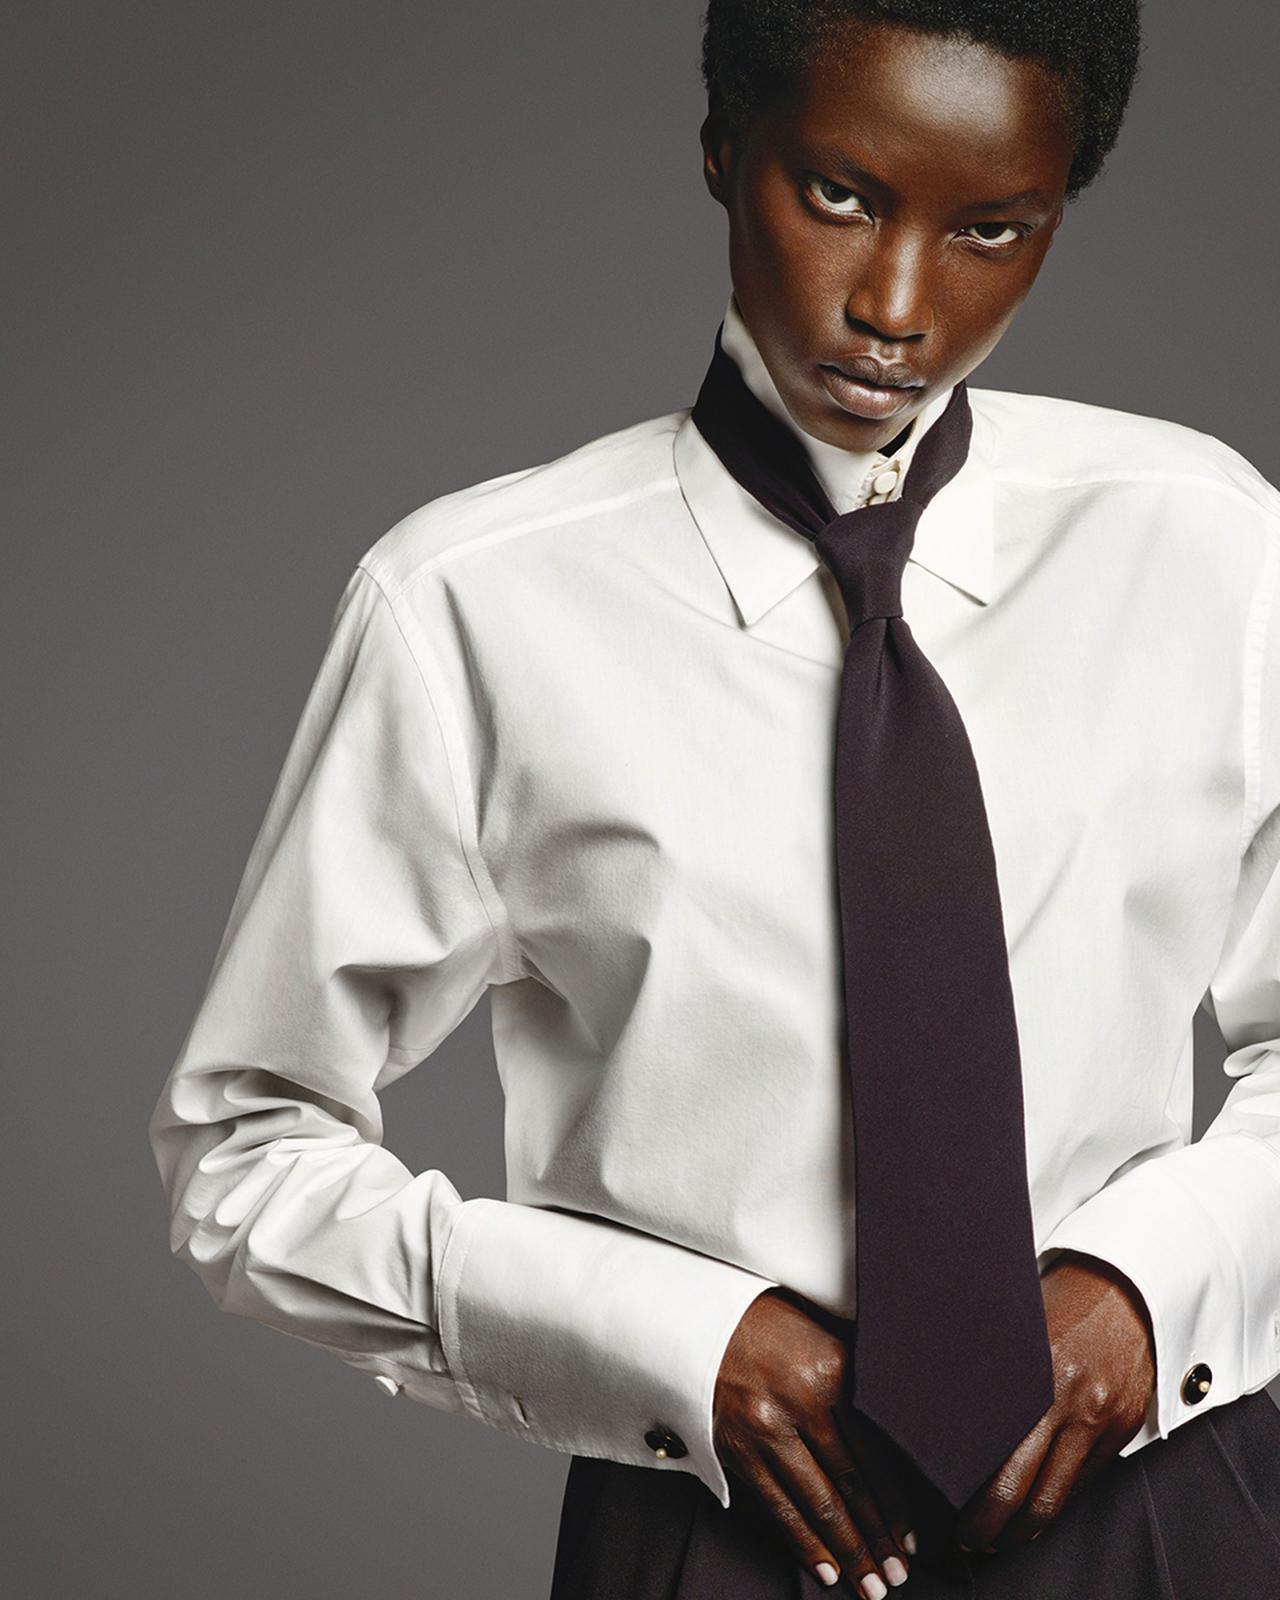 Images : 3番目の画像 - 「「シャツ」が誘う ジェンダーの枠をはずした 自由な精神の輝く新世界」のアルバム - T JAPAN:The New York Times Style Magazine 公式サイト